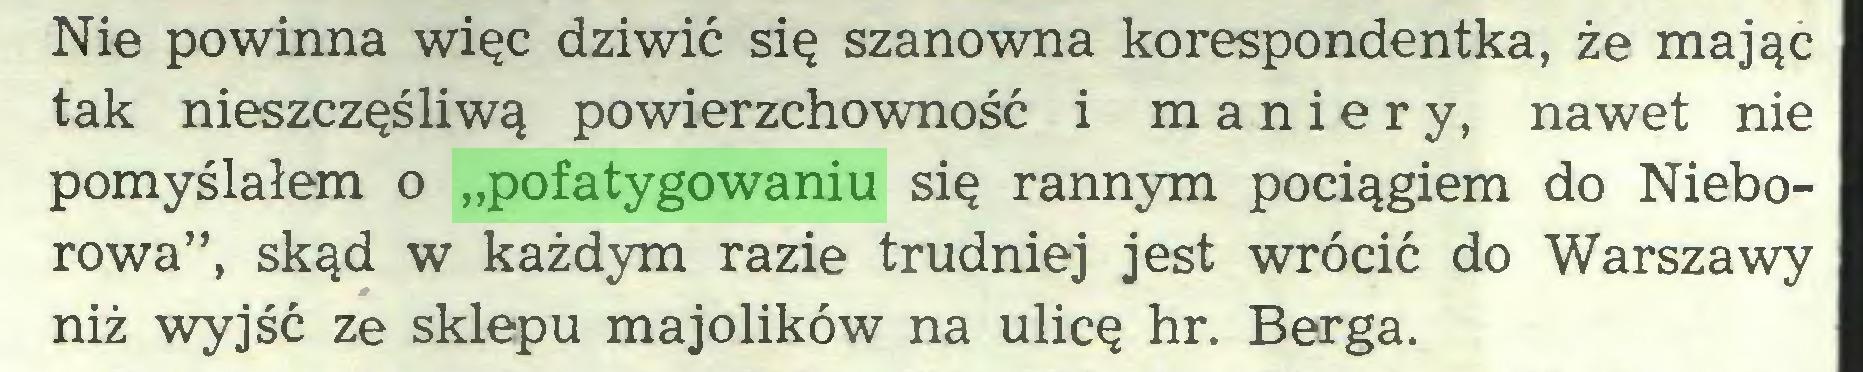 """(...) Nie powinna więc dziwić się szanowna korespondentka, że mając tak nieszczęśliwą powierzchowność i maniery, nawet nie pomyślałem o """"pofatygowaniu się rannym pociągiem do Nieborowa"""", skąd w każdym razie trudniej jest wrócić do Warszawy niż wyjść ze sklepu majolików na ulicę hr. Berga..."""